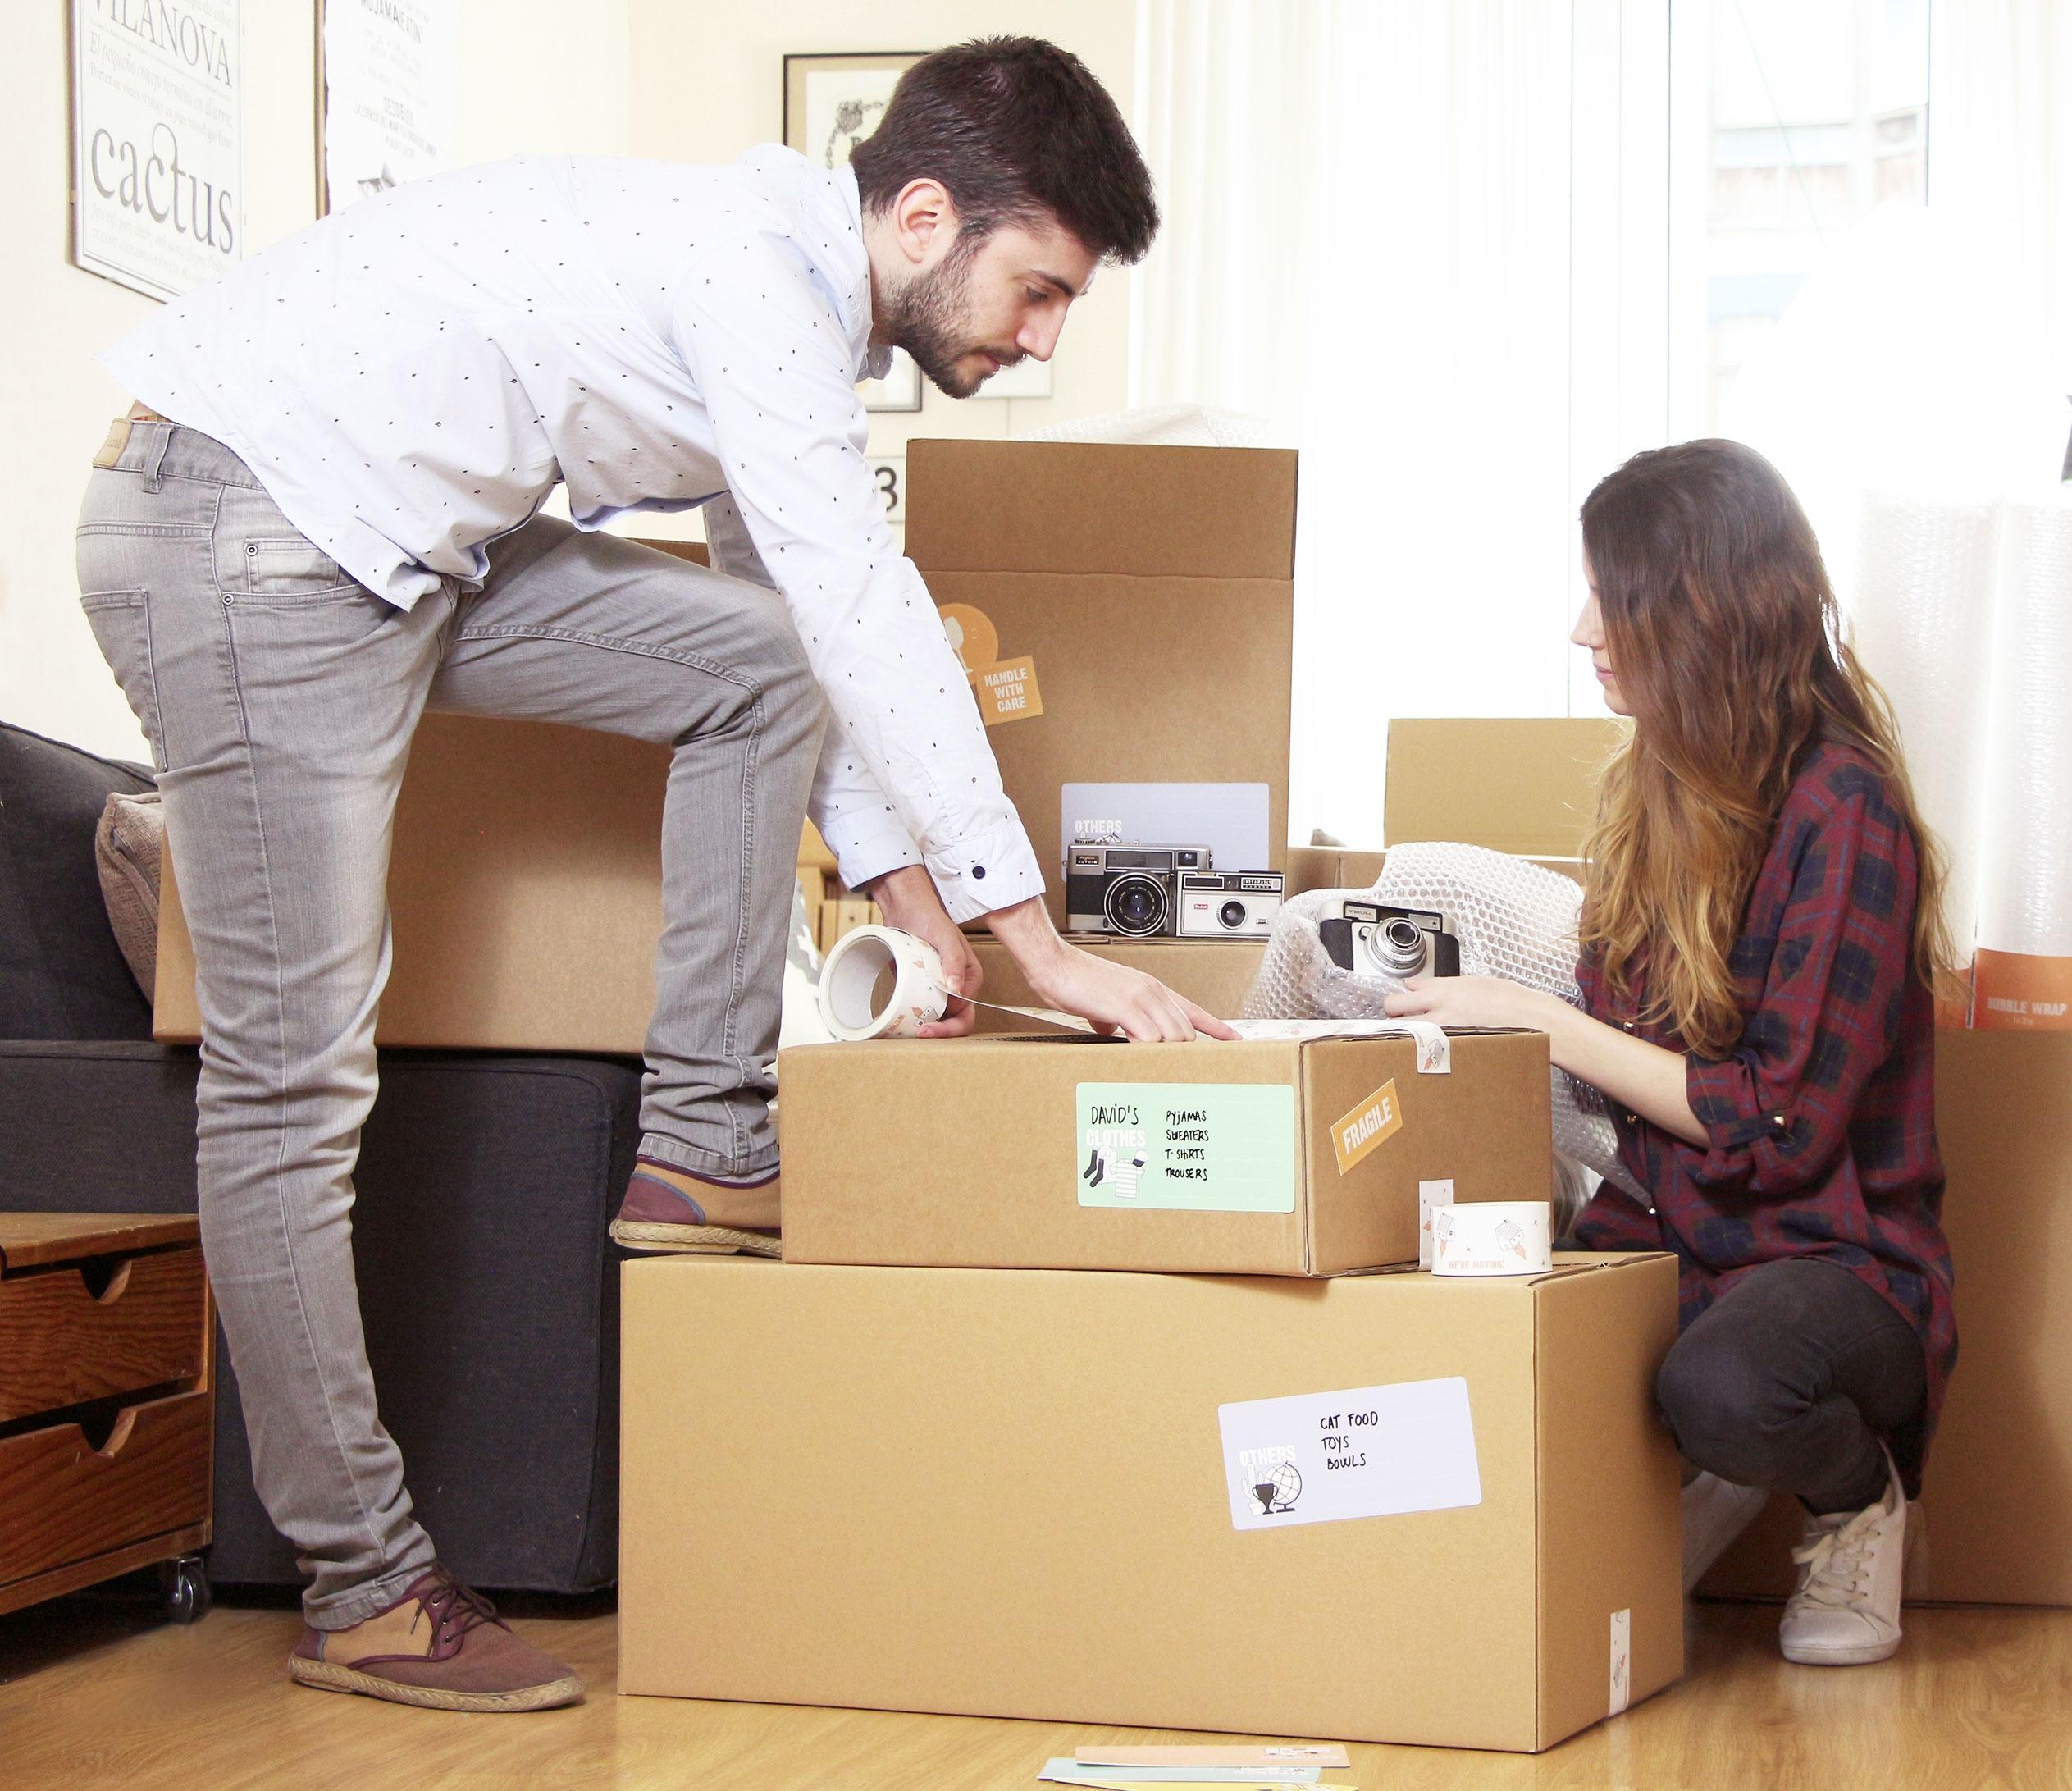 Comprar cajas mudanza beautiful cajas cartn y embalaje en for Cajas para mudanzas